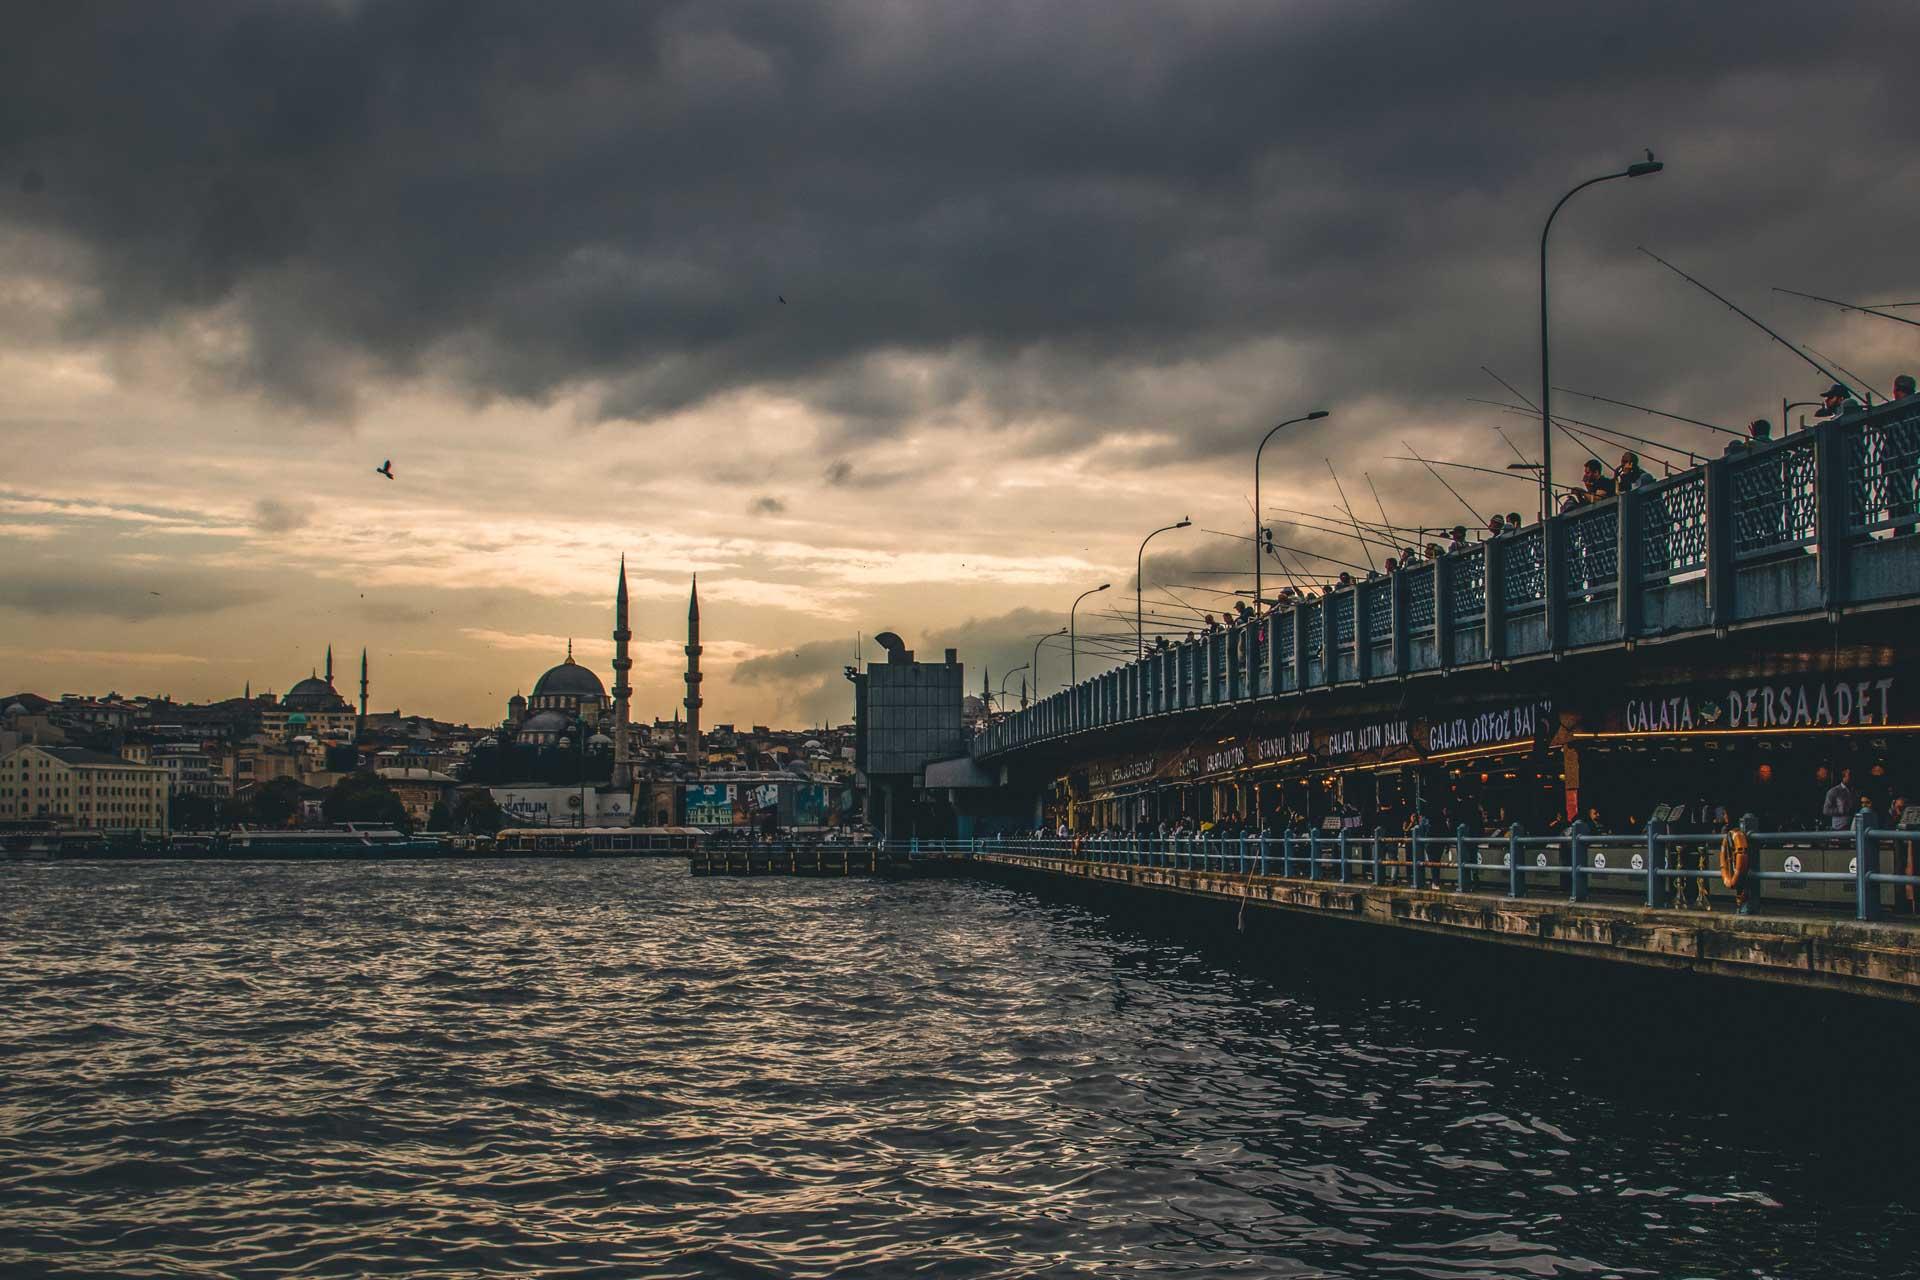 İstanbul'da Gün Batımı İstanbul Fotoğrafları Çekergezer Hakan Aydın Fotoğrafları www.cekergezer.com